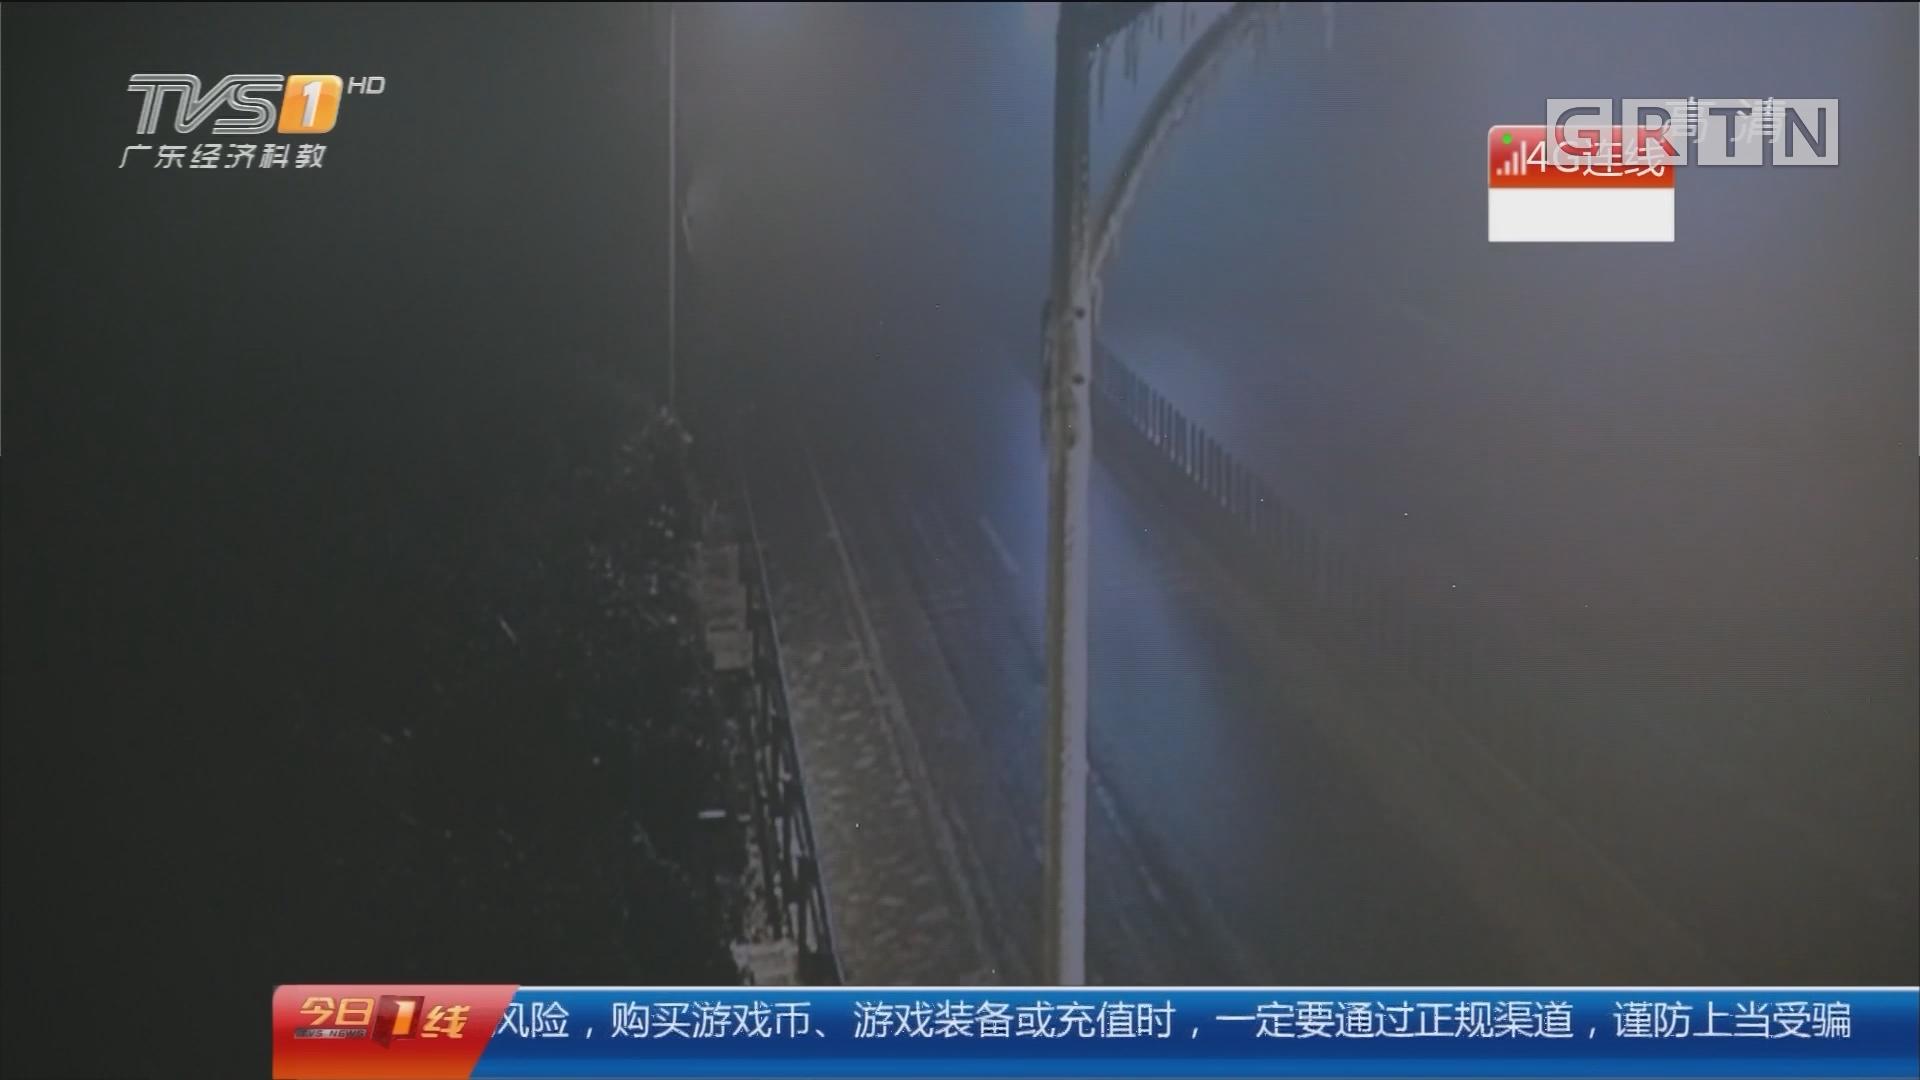 关注寒潮:4G连线 京珠北高速路面结冰 仍全线封闭